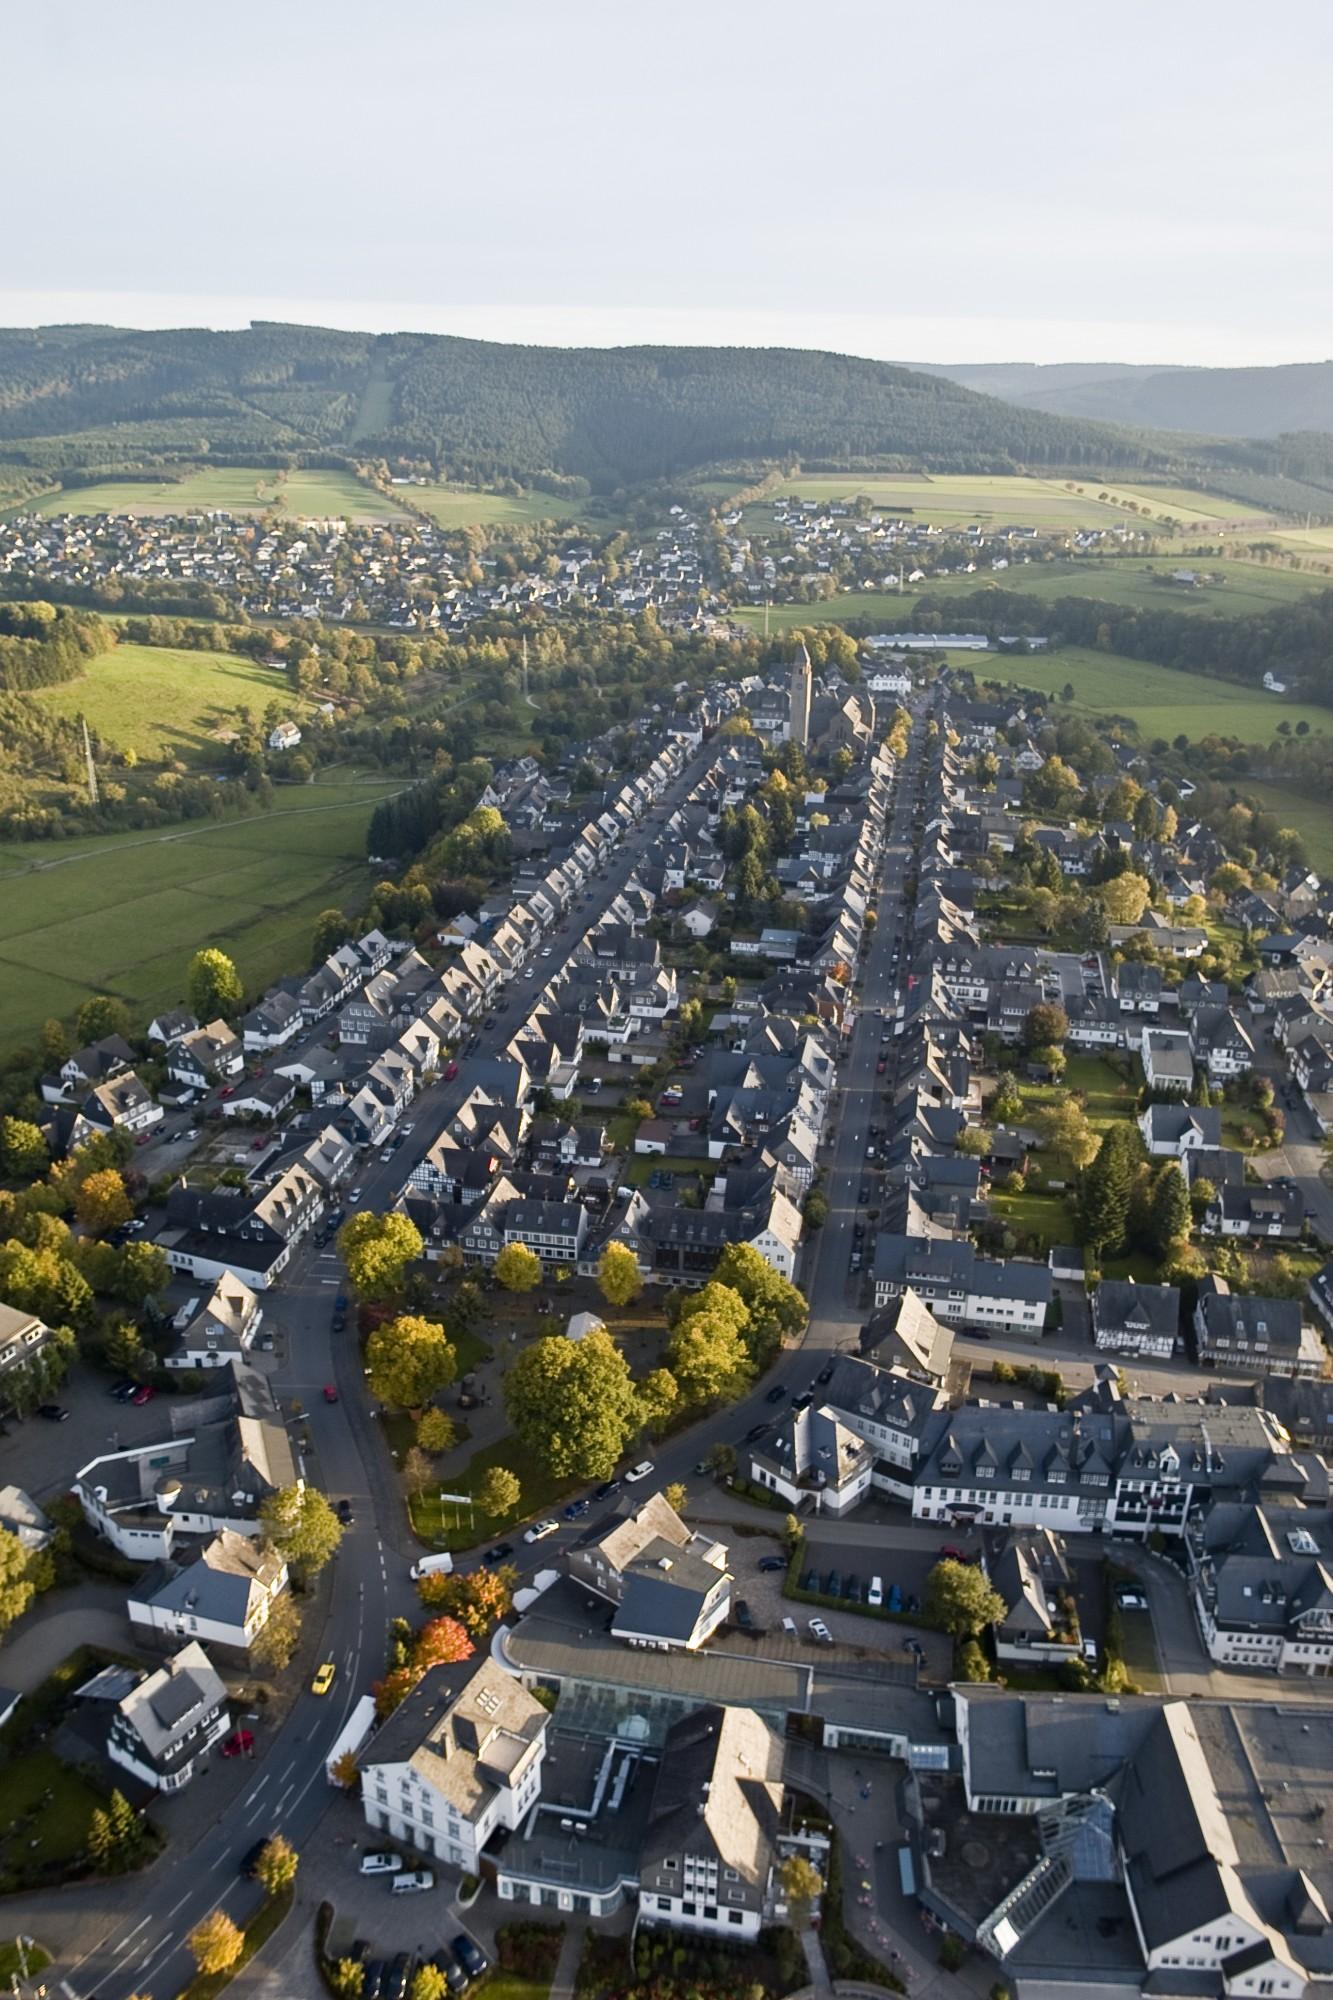 Stärkung der Einkaufsstadt Schmallenberg